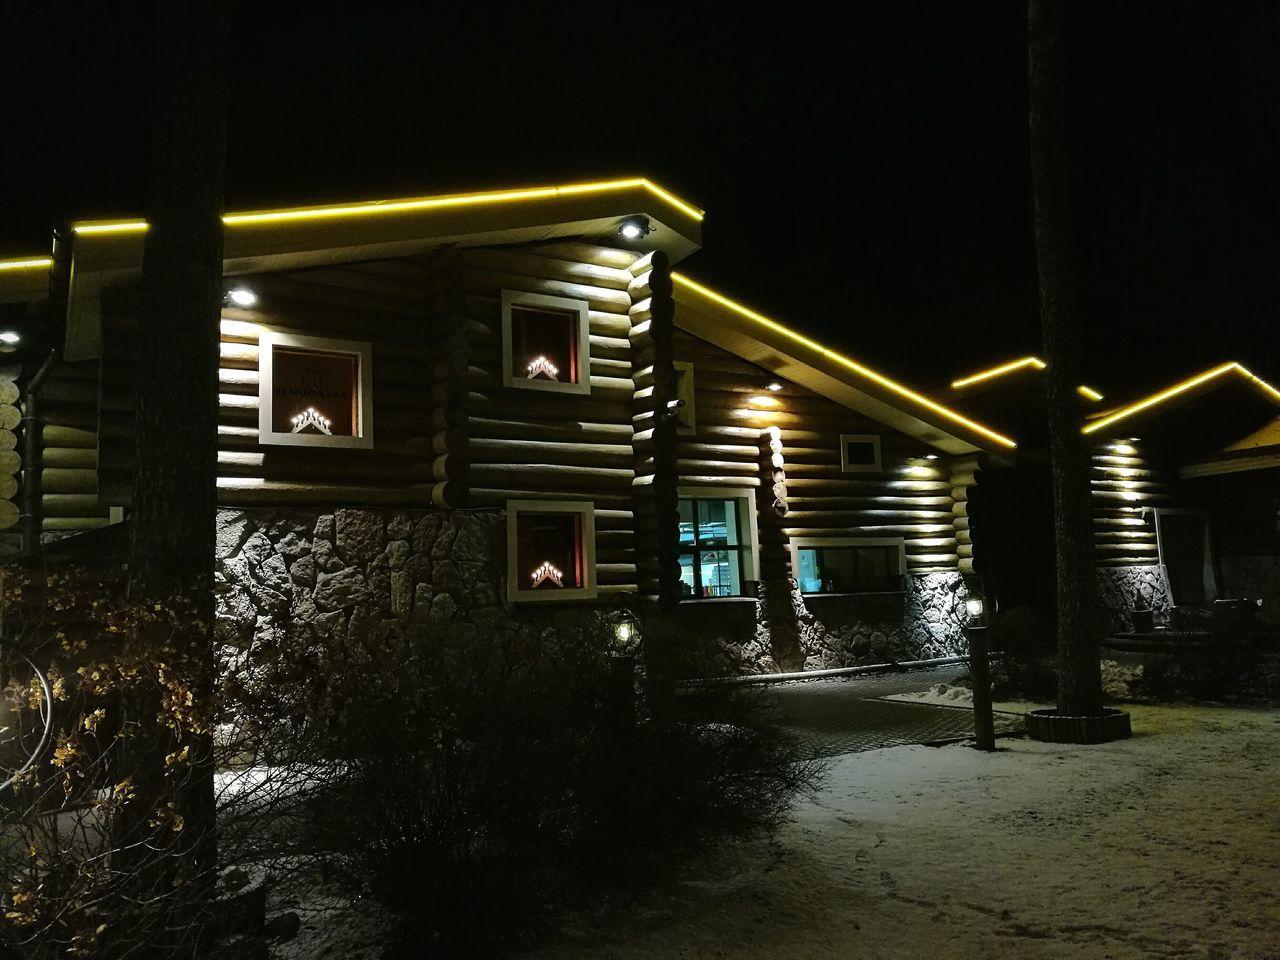 Night Illuminated Architecture No People Christmas Decoration EyeEmNewHere